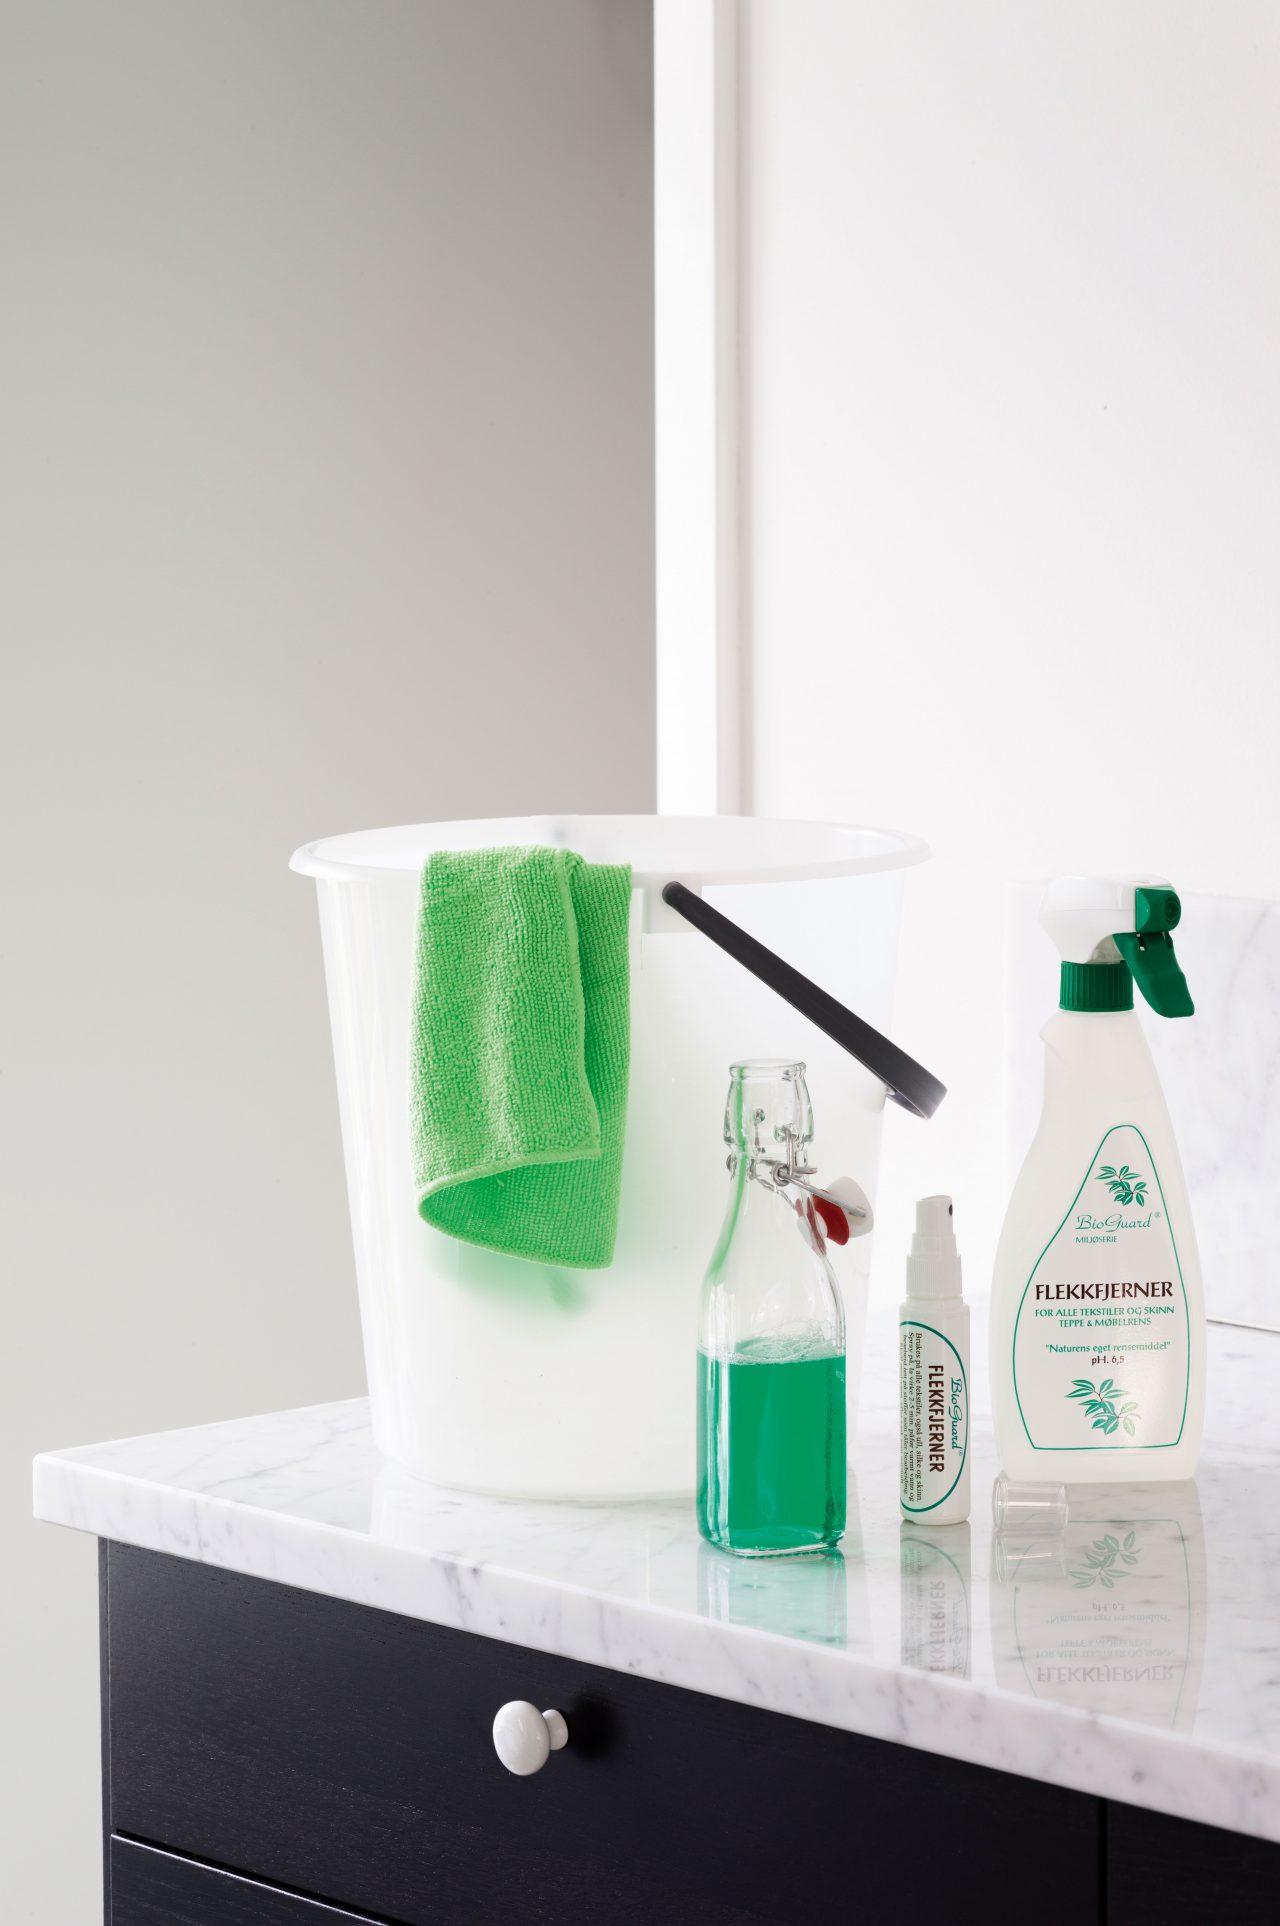 UTSTYR: Før du setter i gang med rengjøringen er det viktig at du har utstyret du trenger. Det viktigste er bøtte, mikrofiberklut, rengjøringsmiddel og mopp.